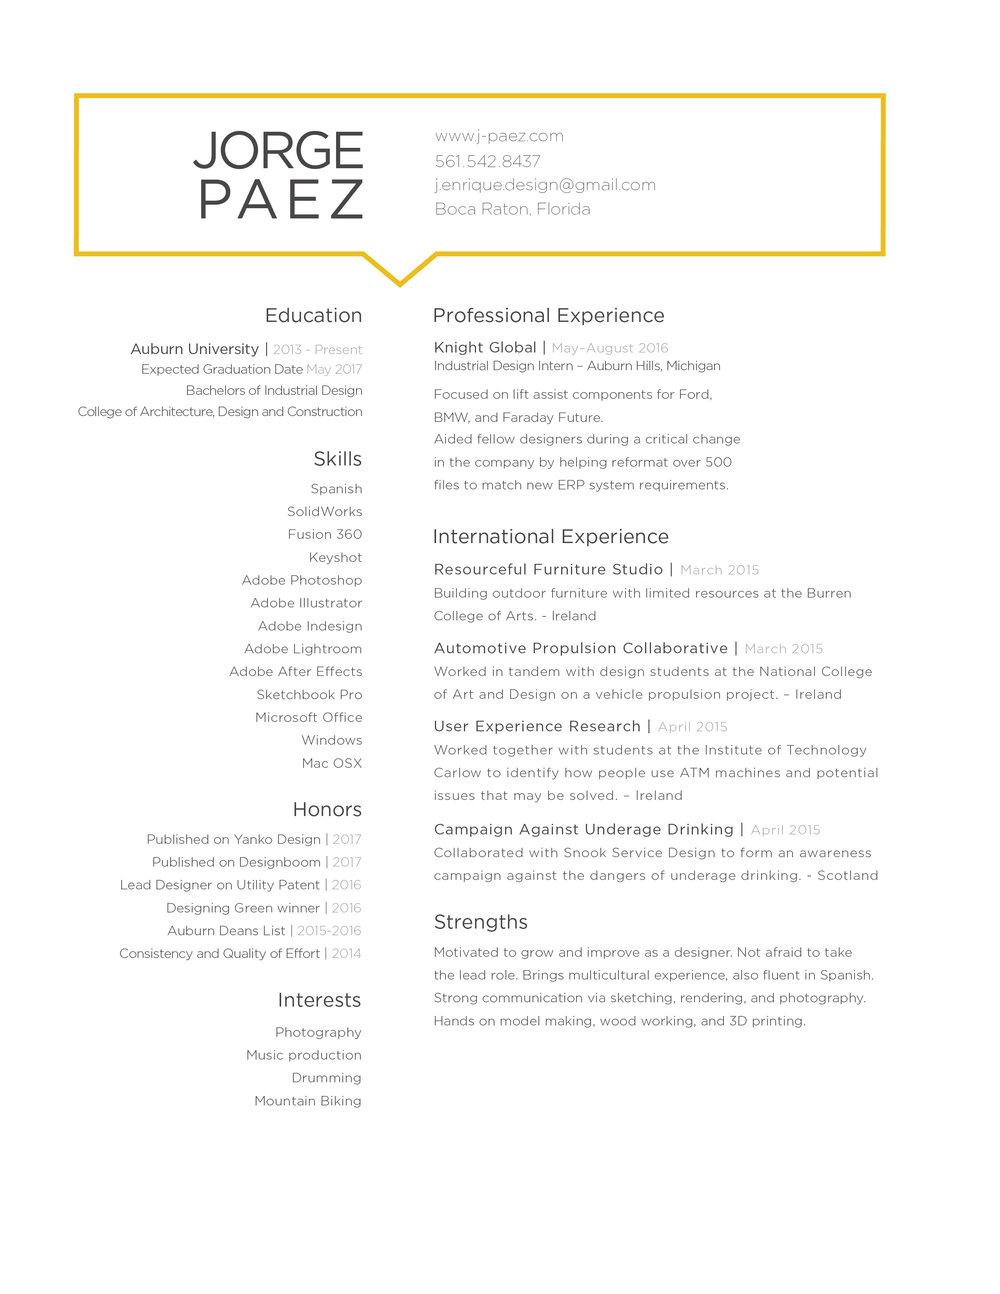 Jorge_Paez_Resume.jpg